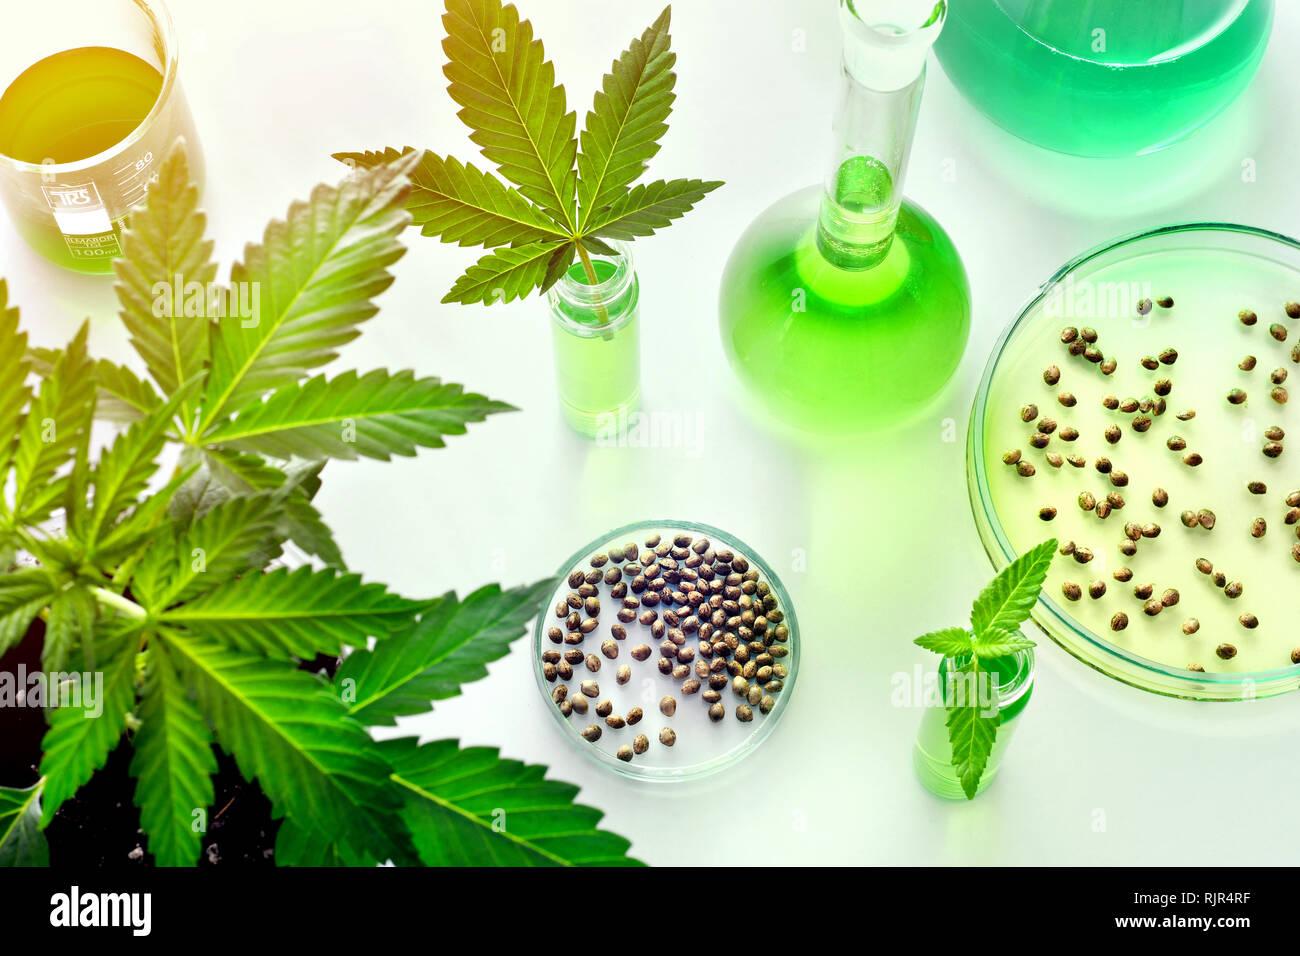 La investigación científica del cannabis para uso médico en medicina, biotecnología concepto Imagen De Stock